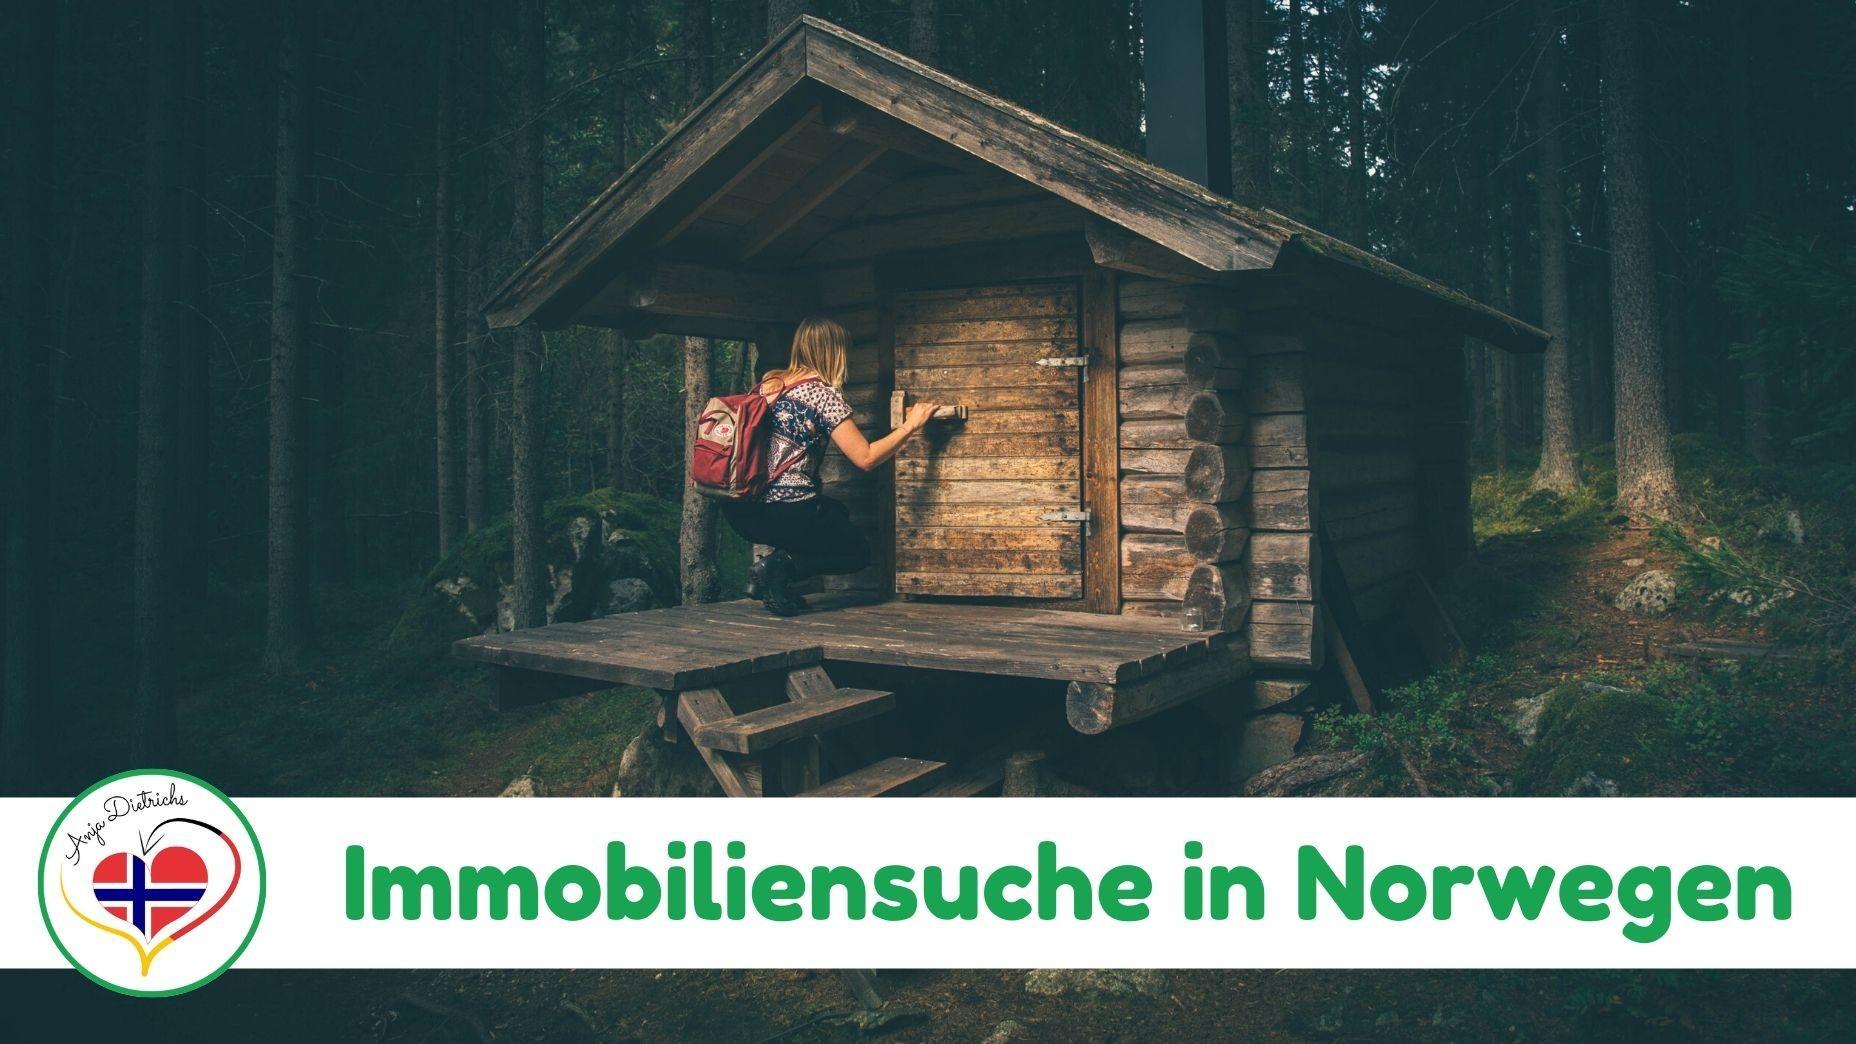 Immobilien in Norwegen